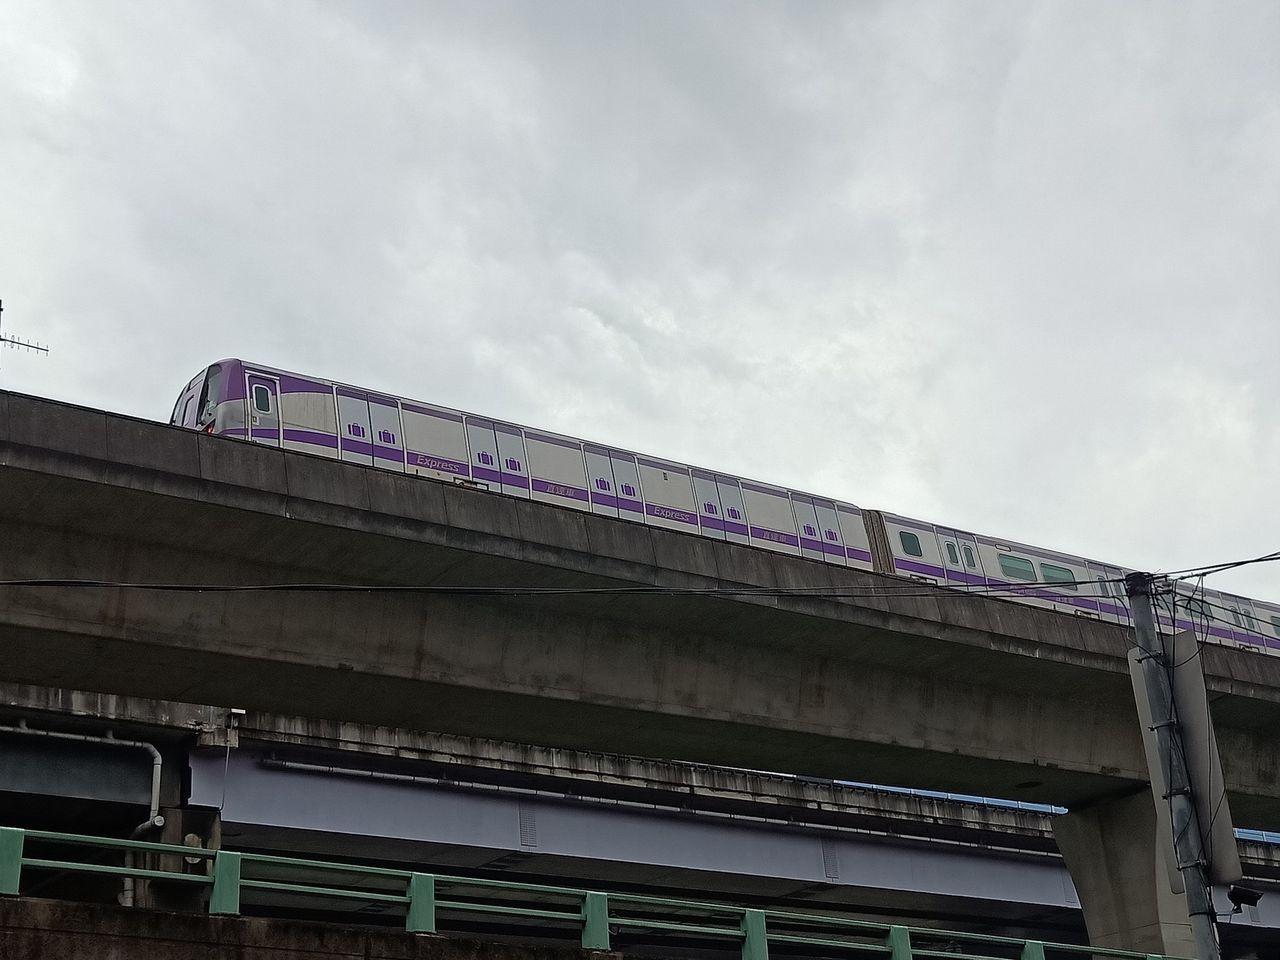 機捷列車停擺卡在臺北車站至泰山貴和站之間的軌道上,捷運公司已派接駁車進行疏運。記...